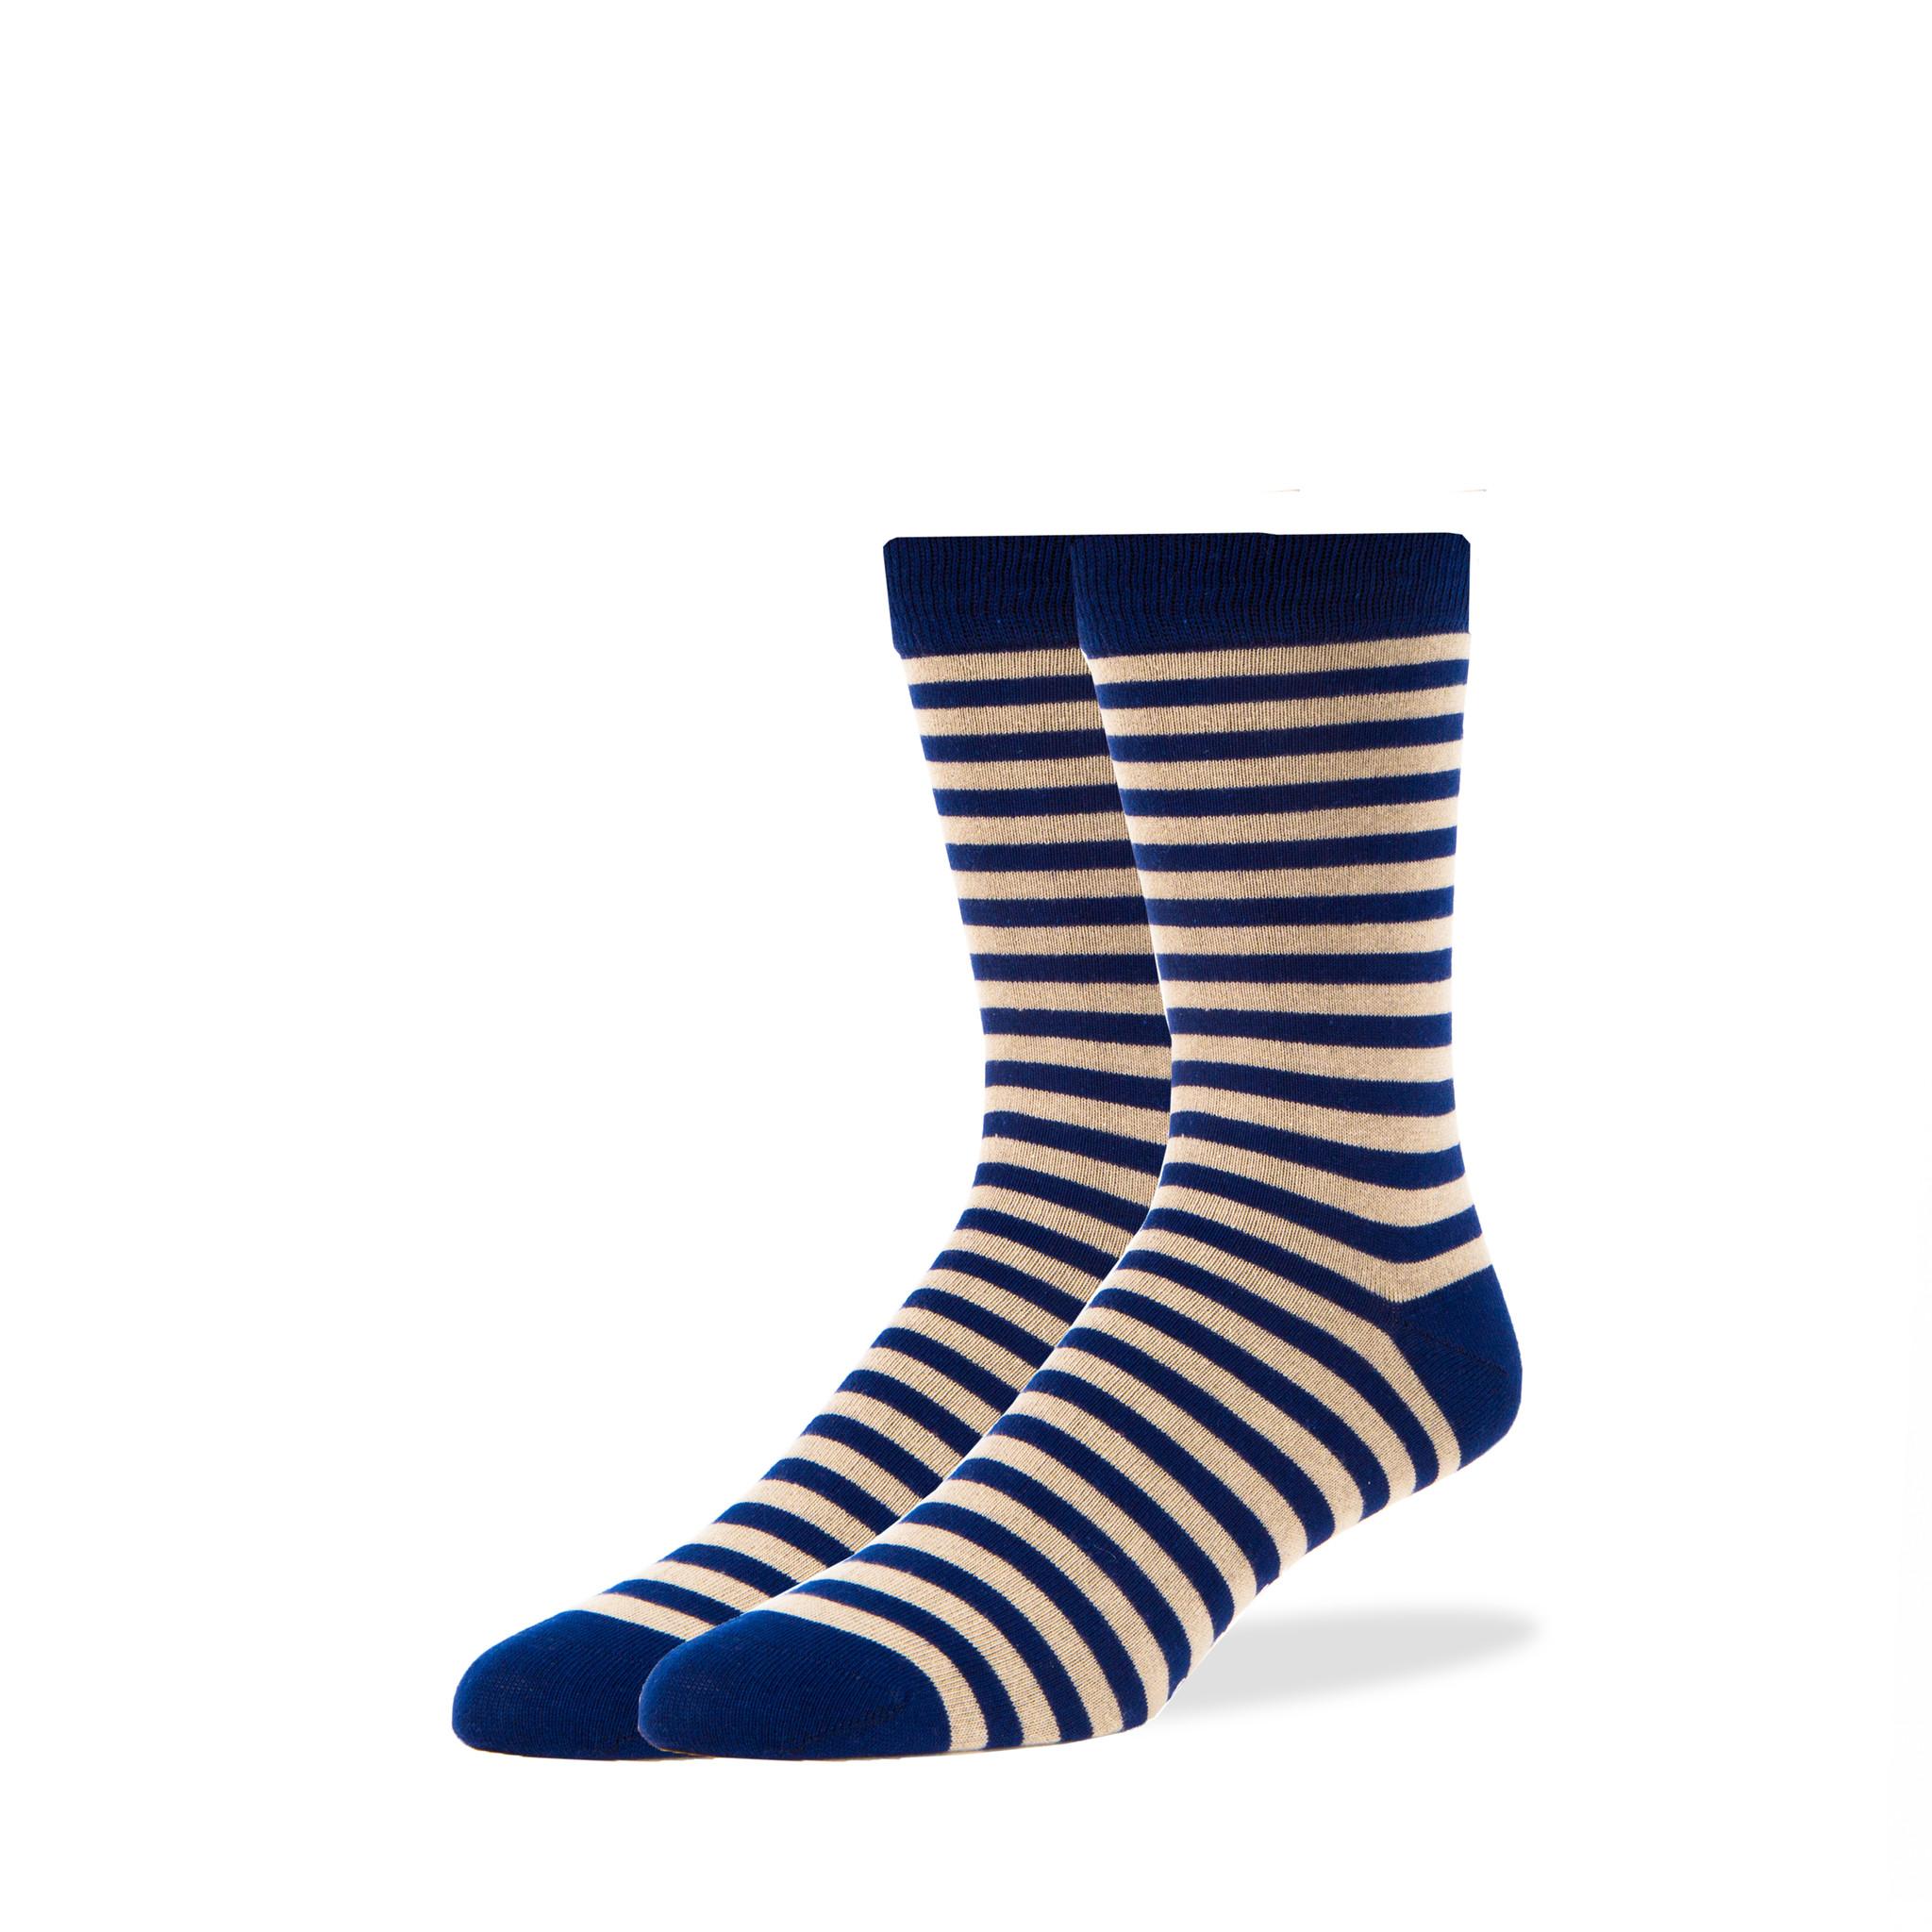 Navy/Tan Striped Socks